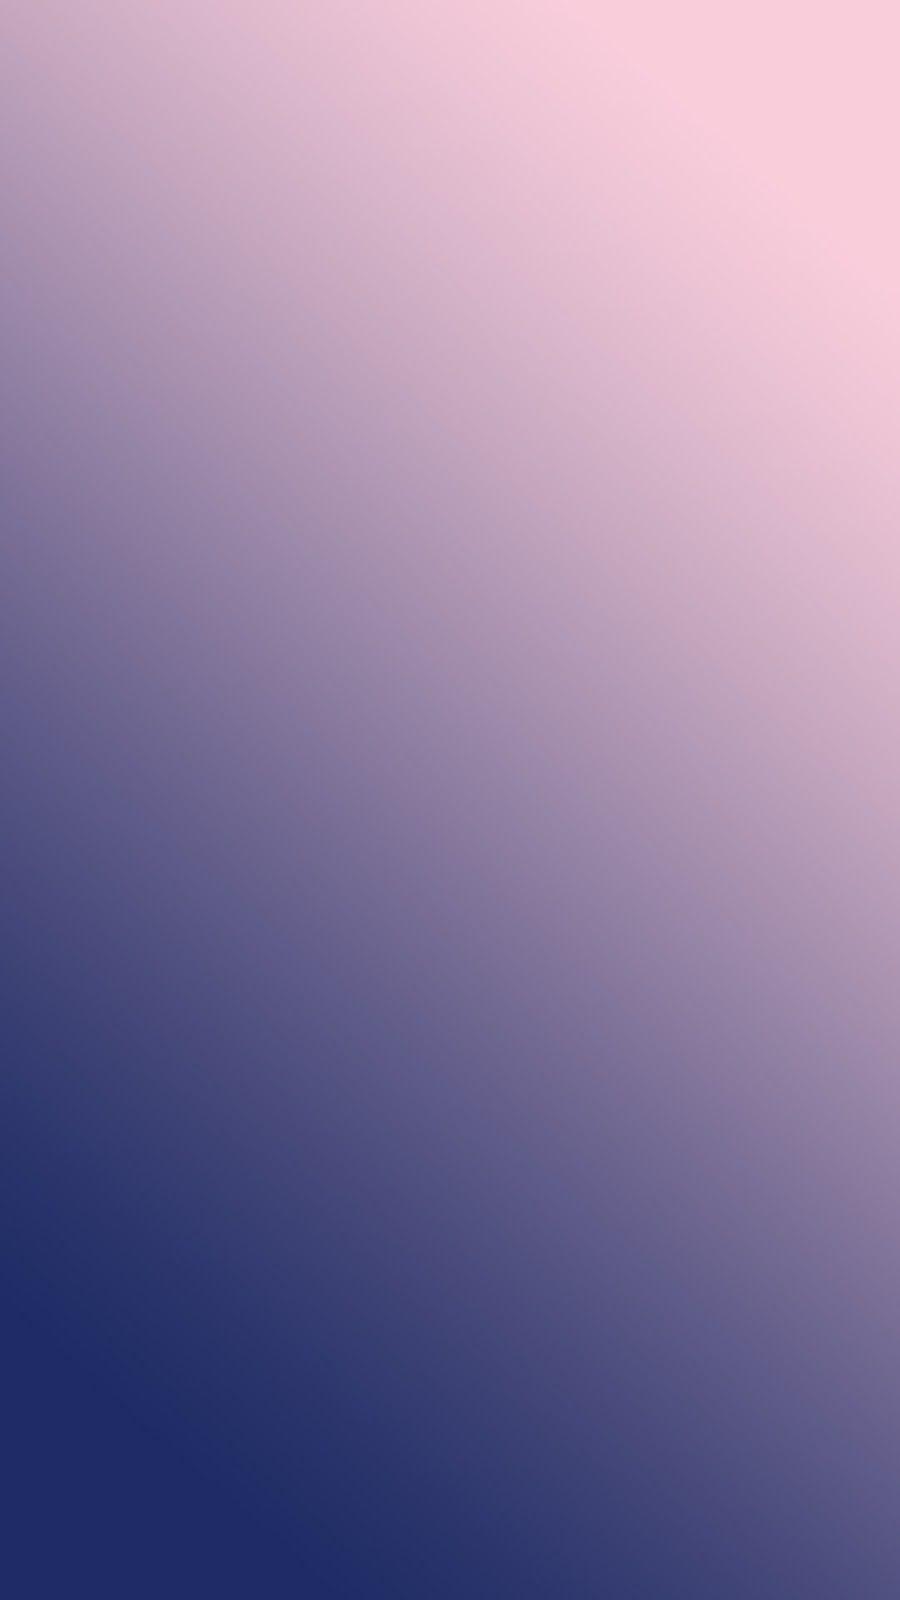 تحميل خلفيات ايفون 6 بلس الجديدة عالية الدقة مداد الجليد Ios 11 Wallpaper Ombre Wallpapers Iphone Wallpaper